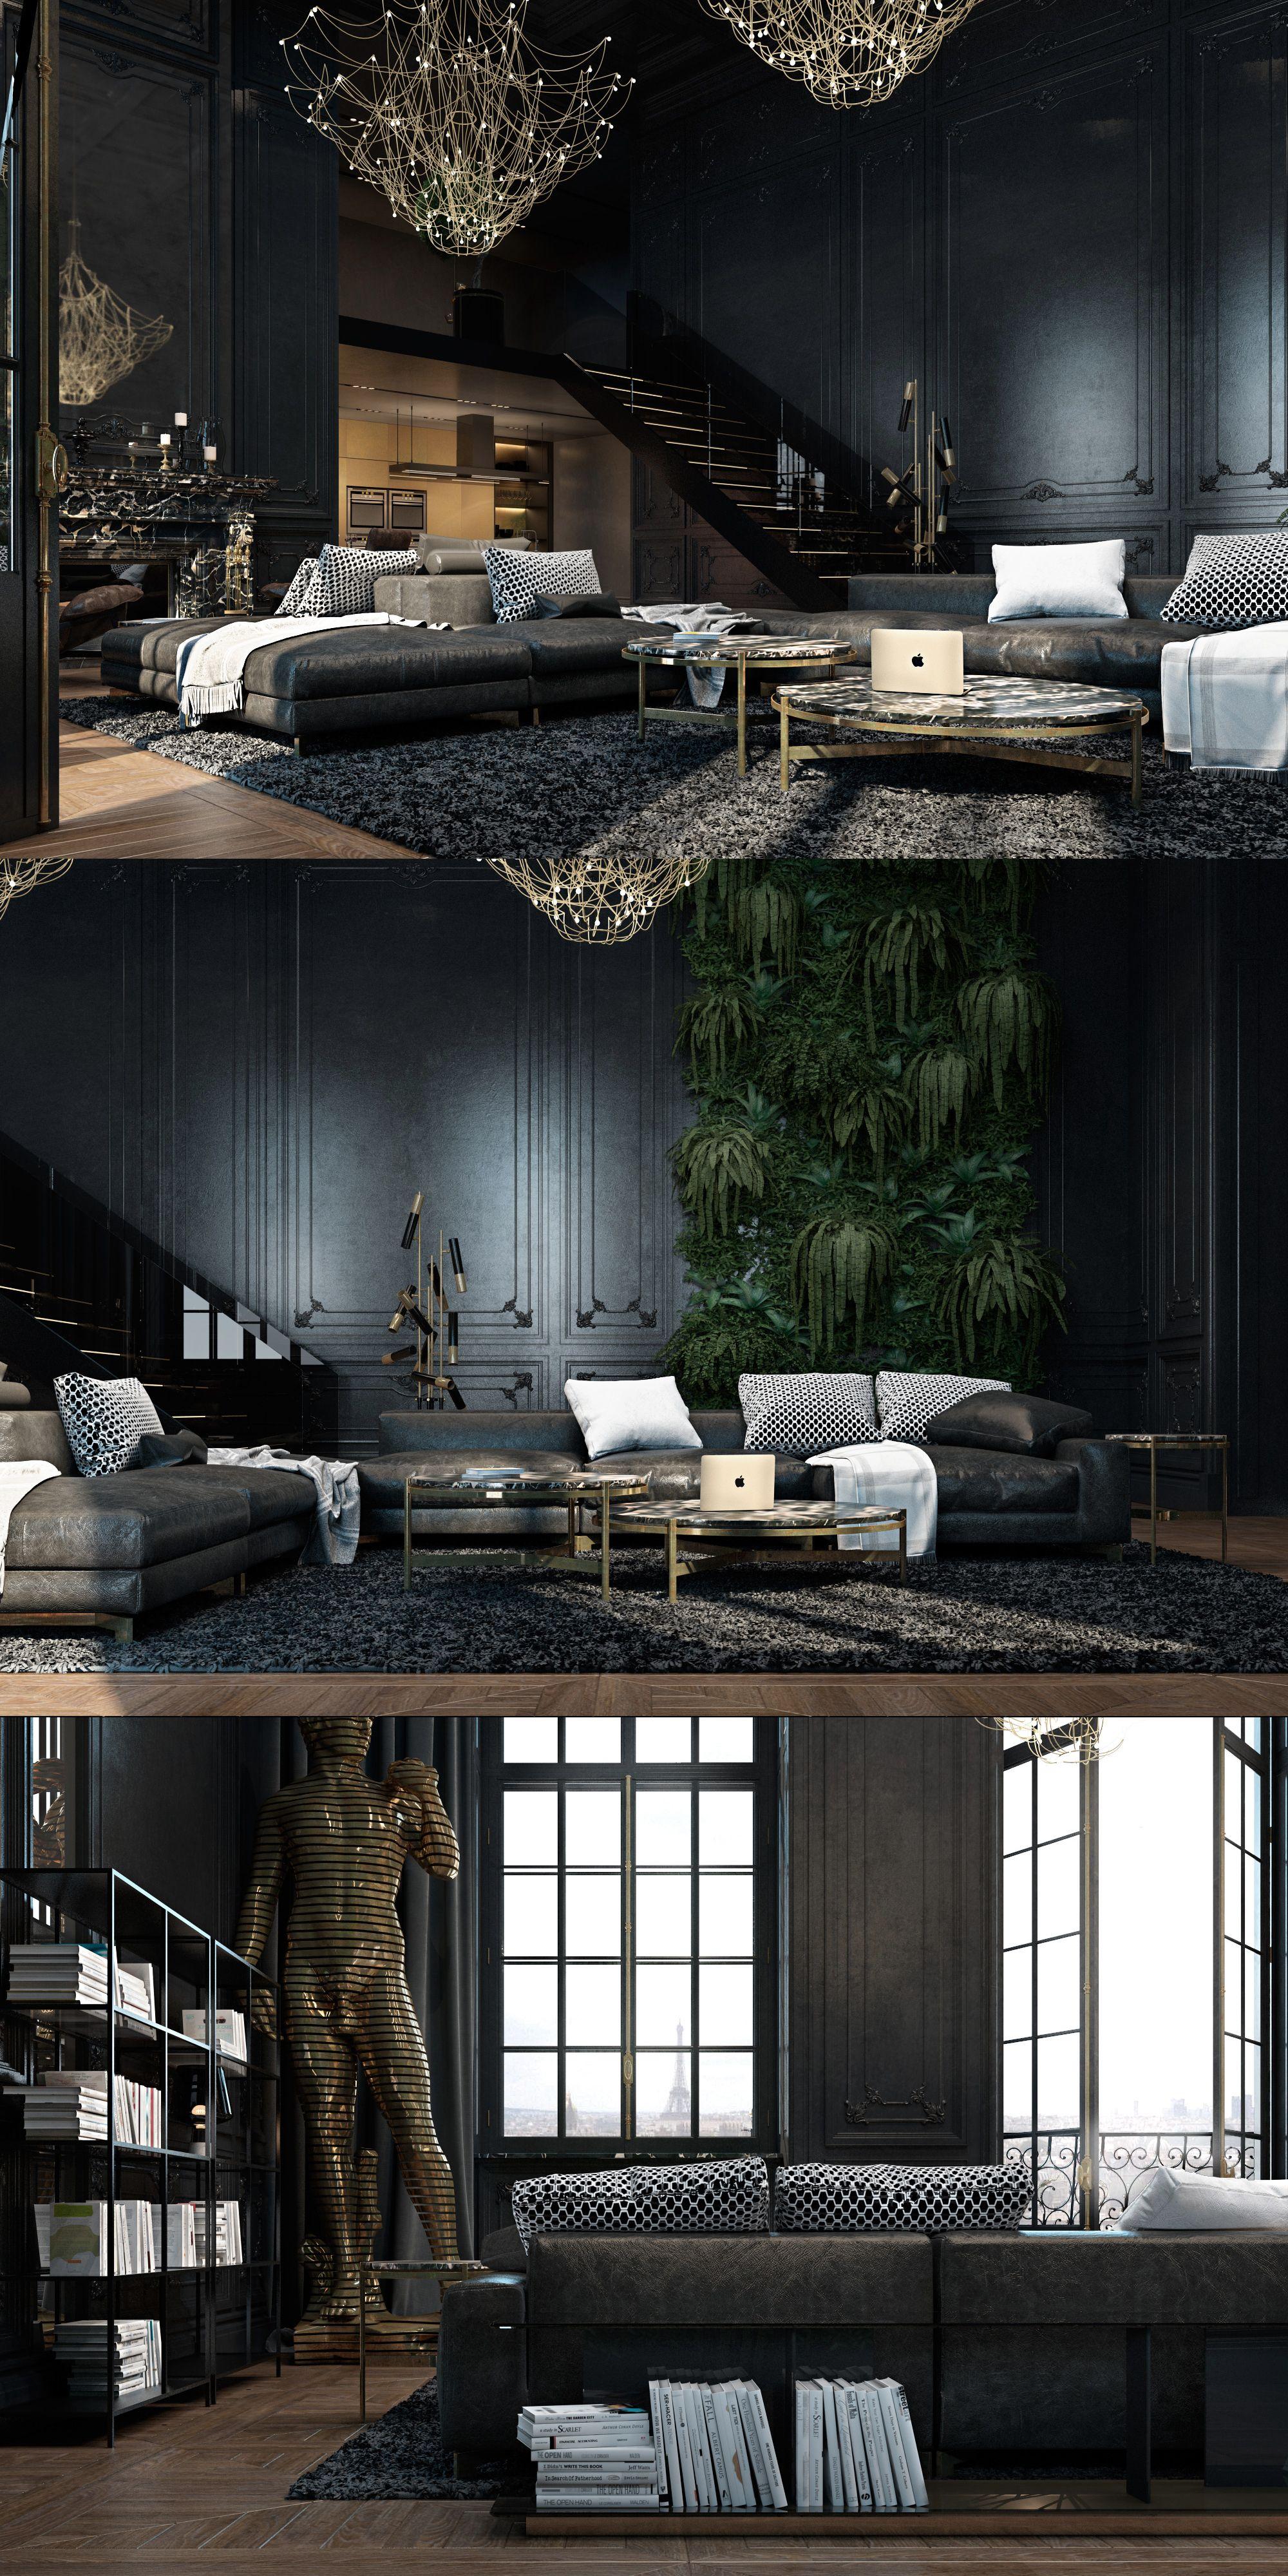 Loft Wohnung, Hotelzimmer, Neue Wohnung, Moderne Inneneinrichtung,  Innenarchitektur, Wohnraum, Wohnzimmer Inspiration, Schlafzimmer Ideen,  Einrichten Und ...